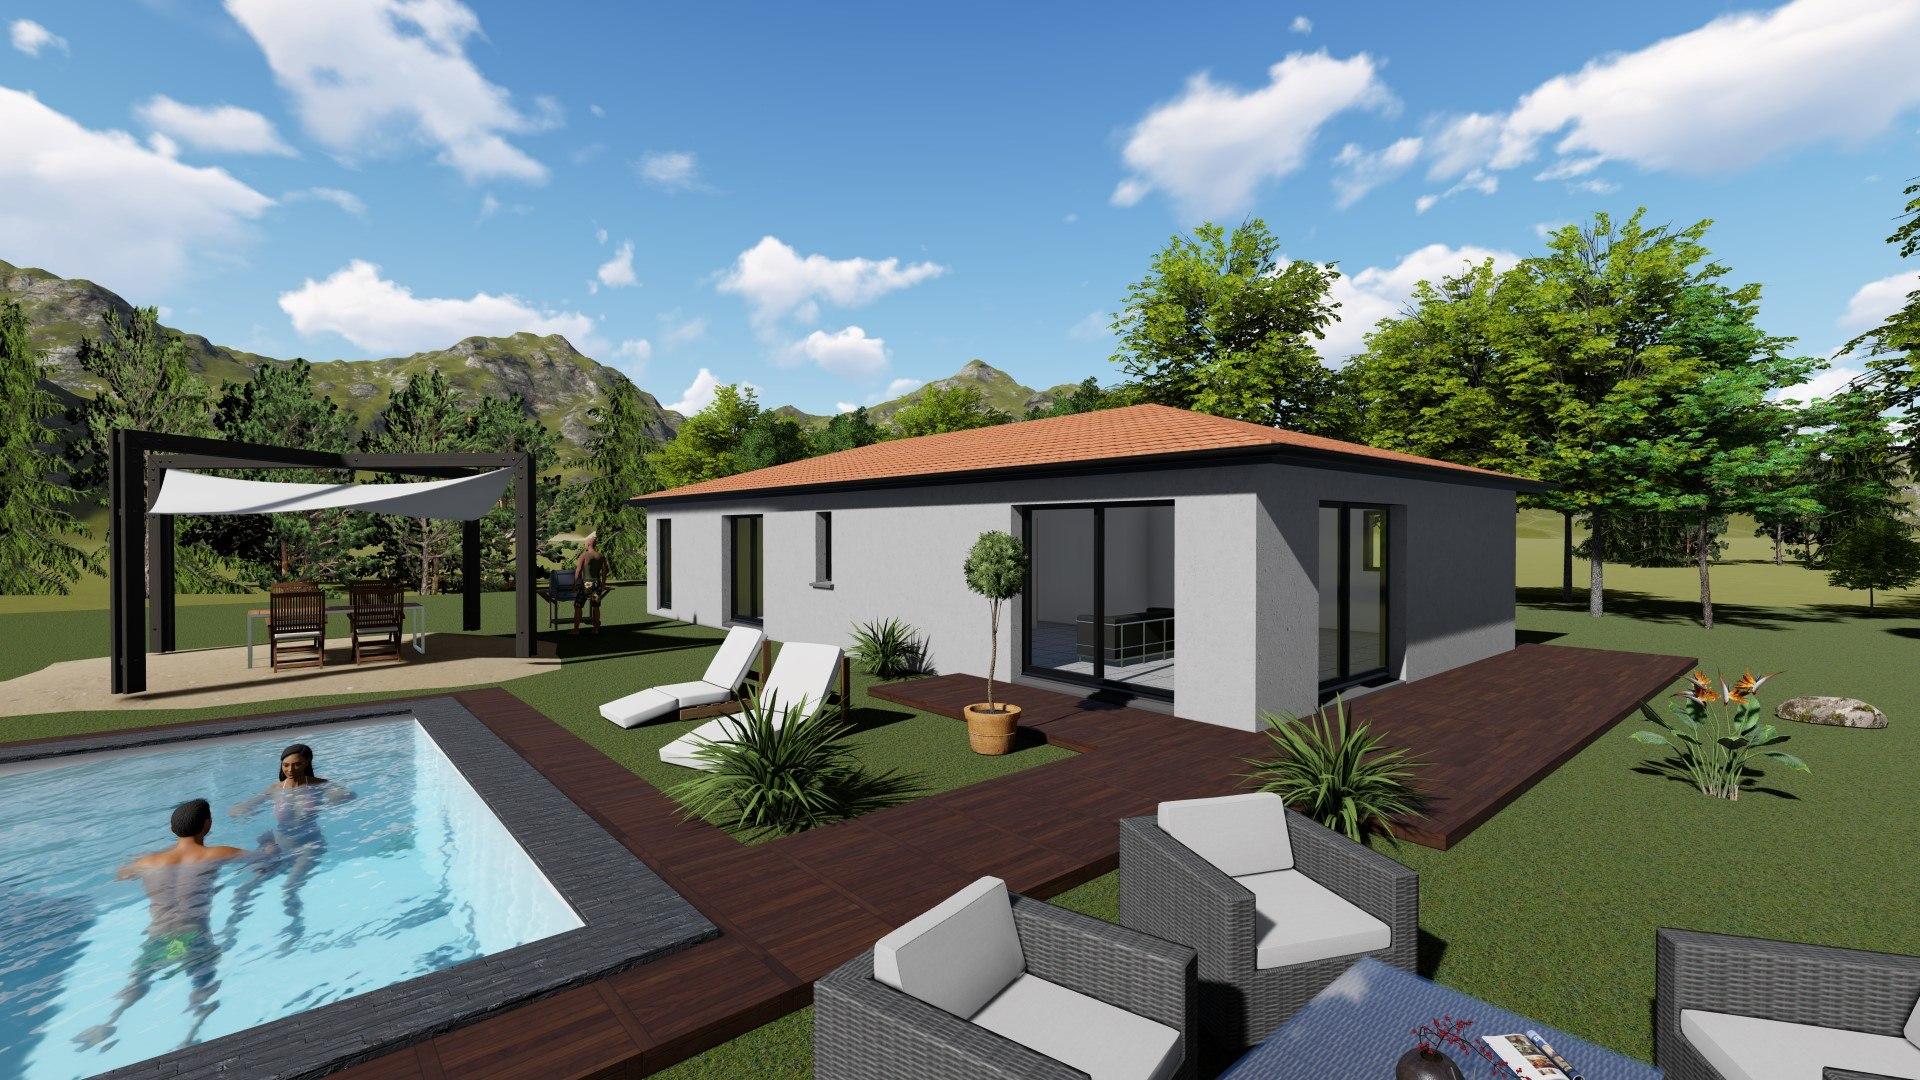 Maisons + Terrains du constructeur TRADIMAISONS • 97 m² • PONT DU CHATEAU